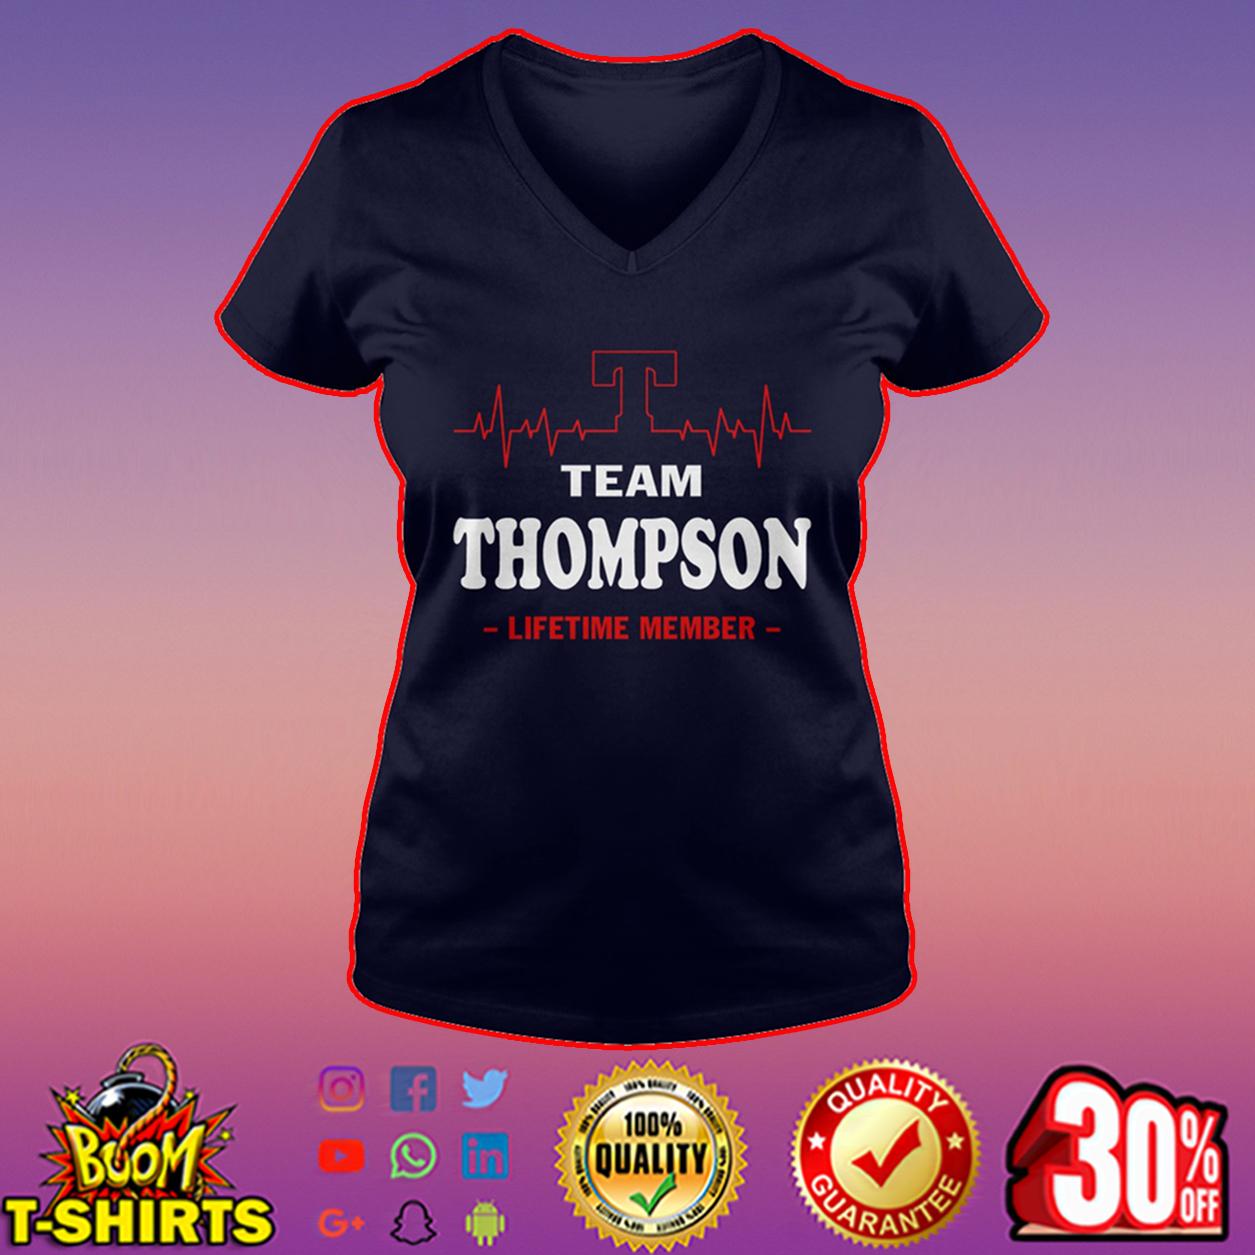 Team Thompson lifetime member v-neck